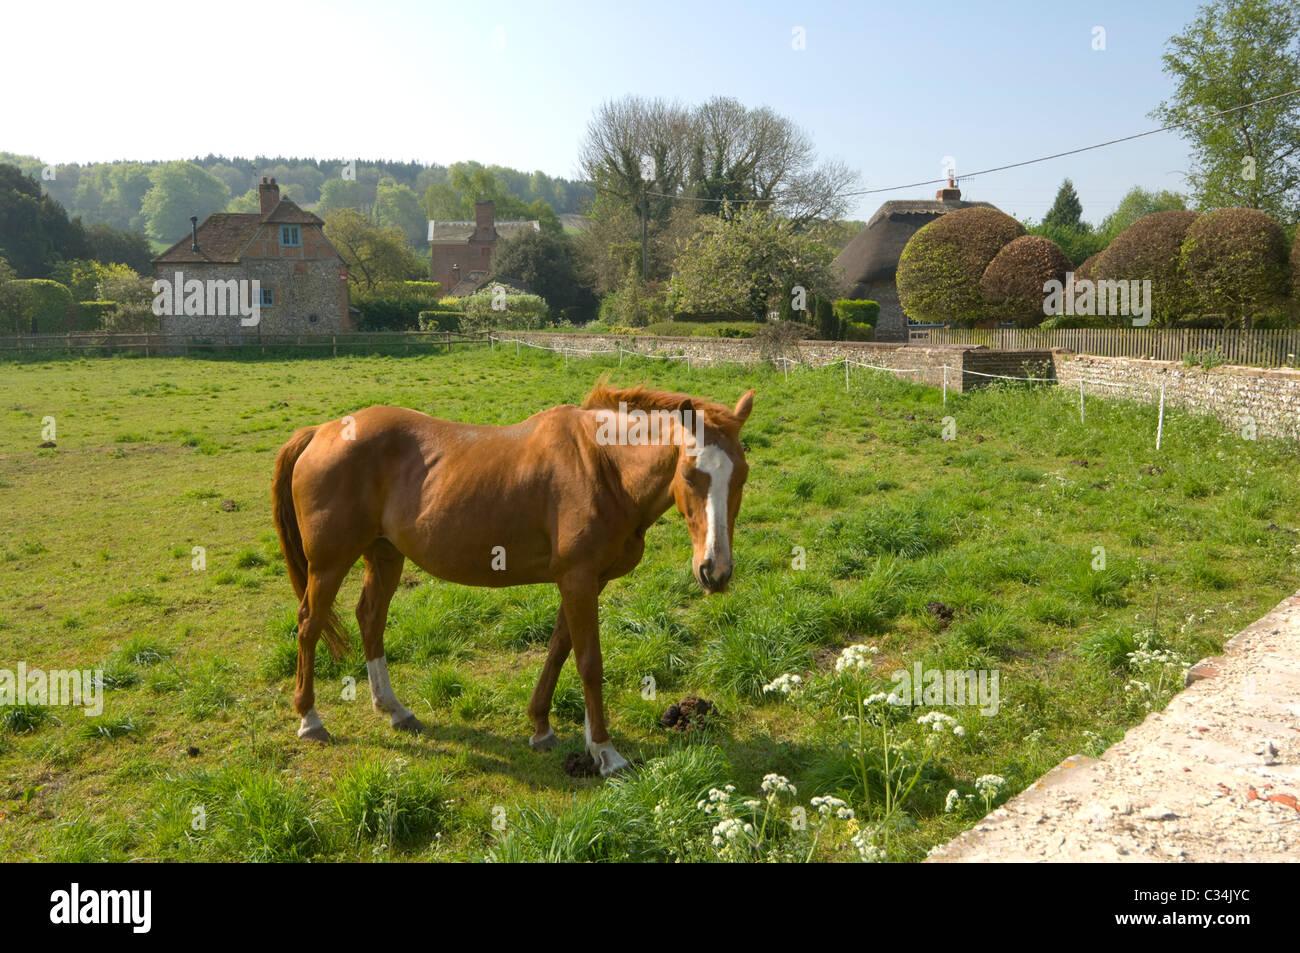 Horse Singleton West Sussex UK - Stock Image